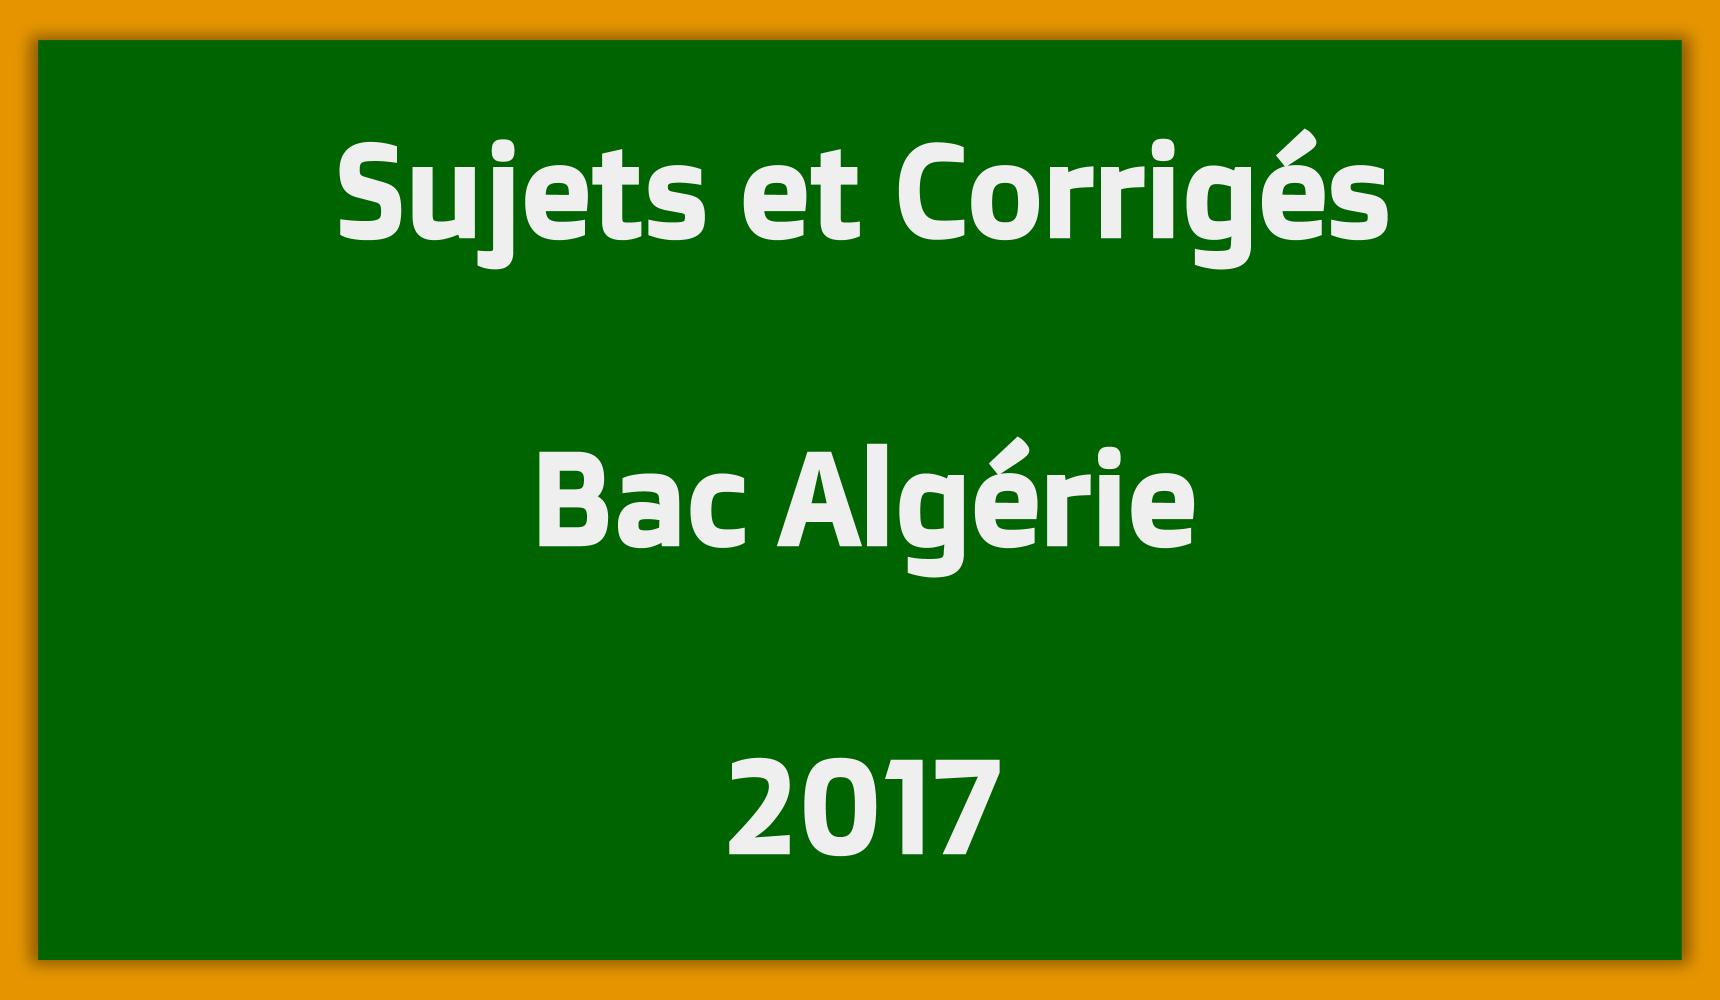 Sujets Corrigés Bac Algérie 2017